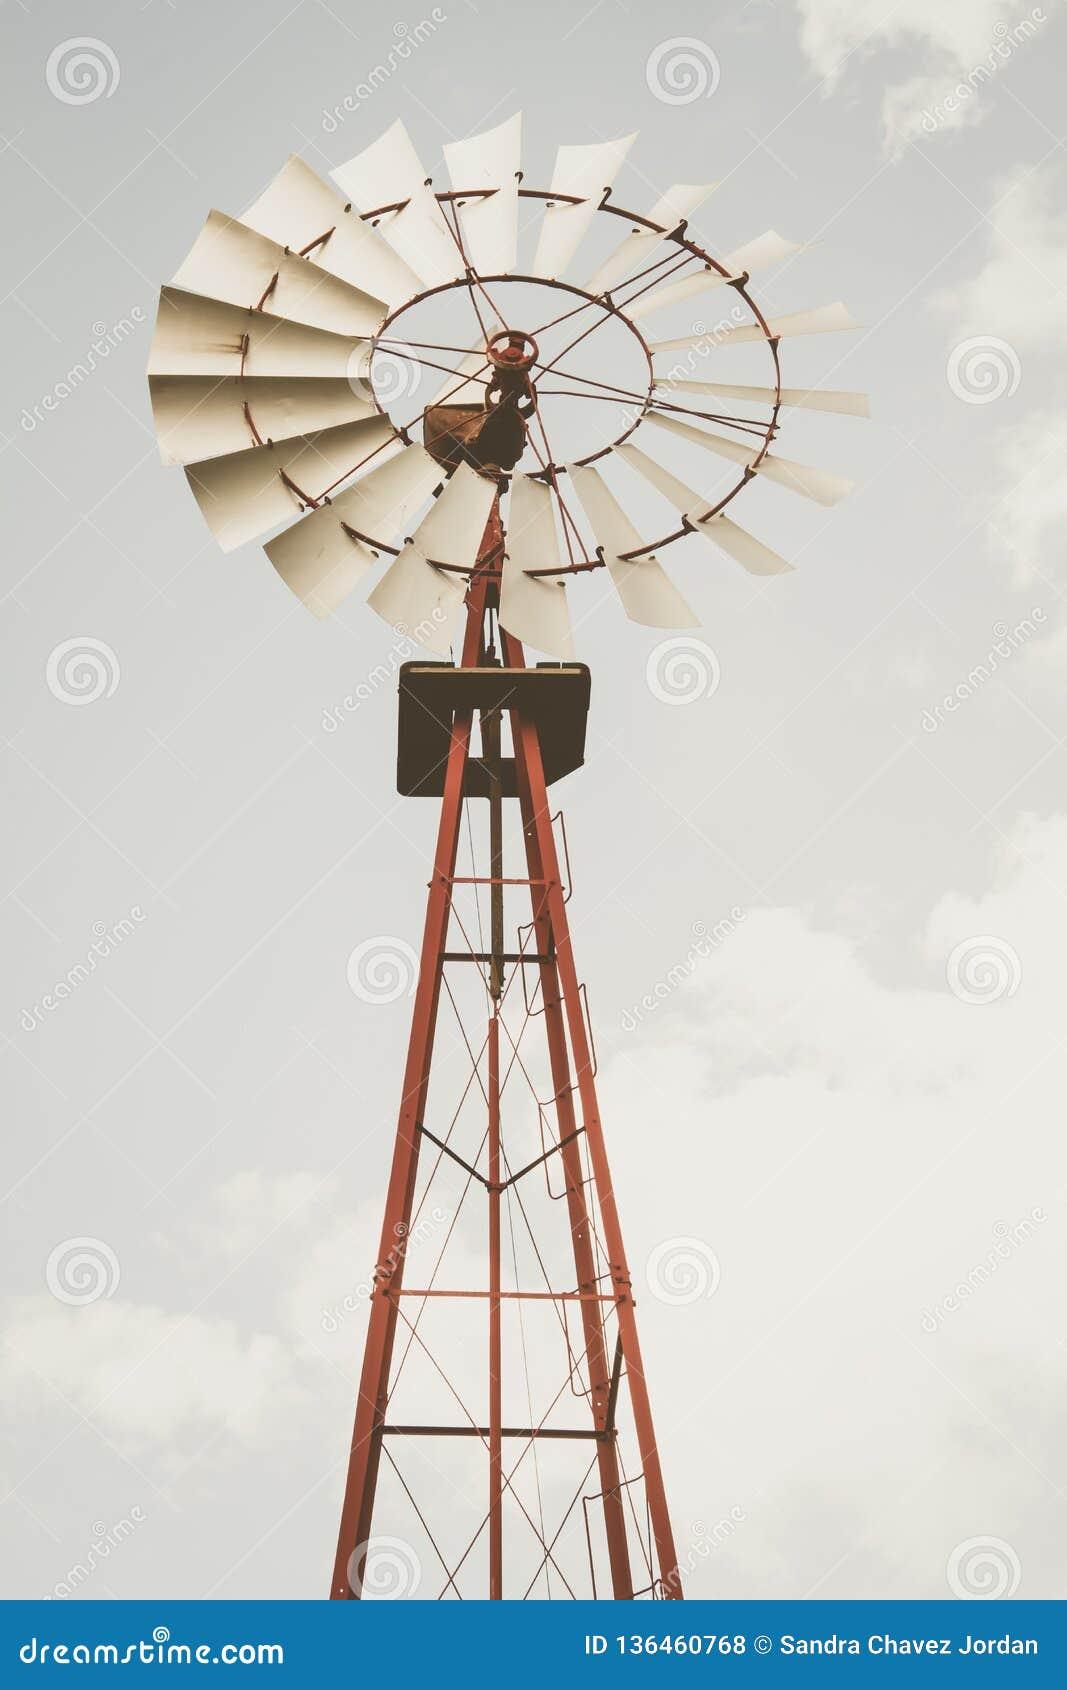 Windmühle im vertikalen Format unter Verwendung der desaturated Töne